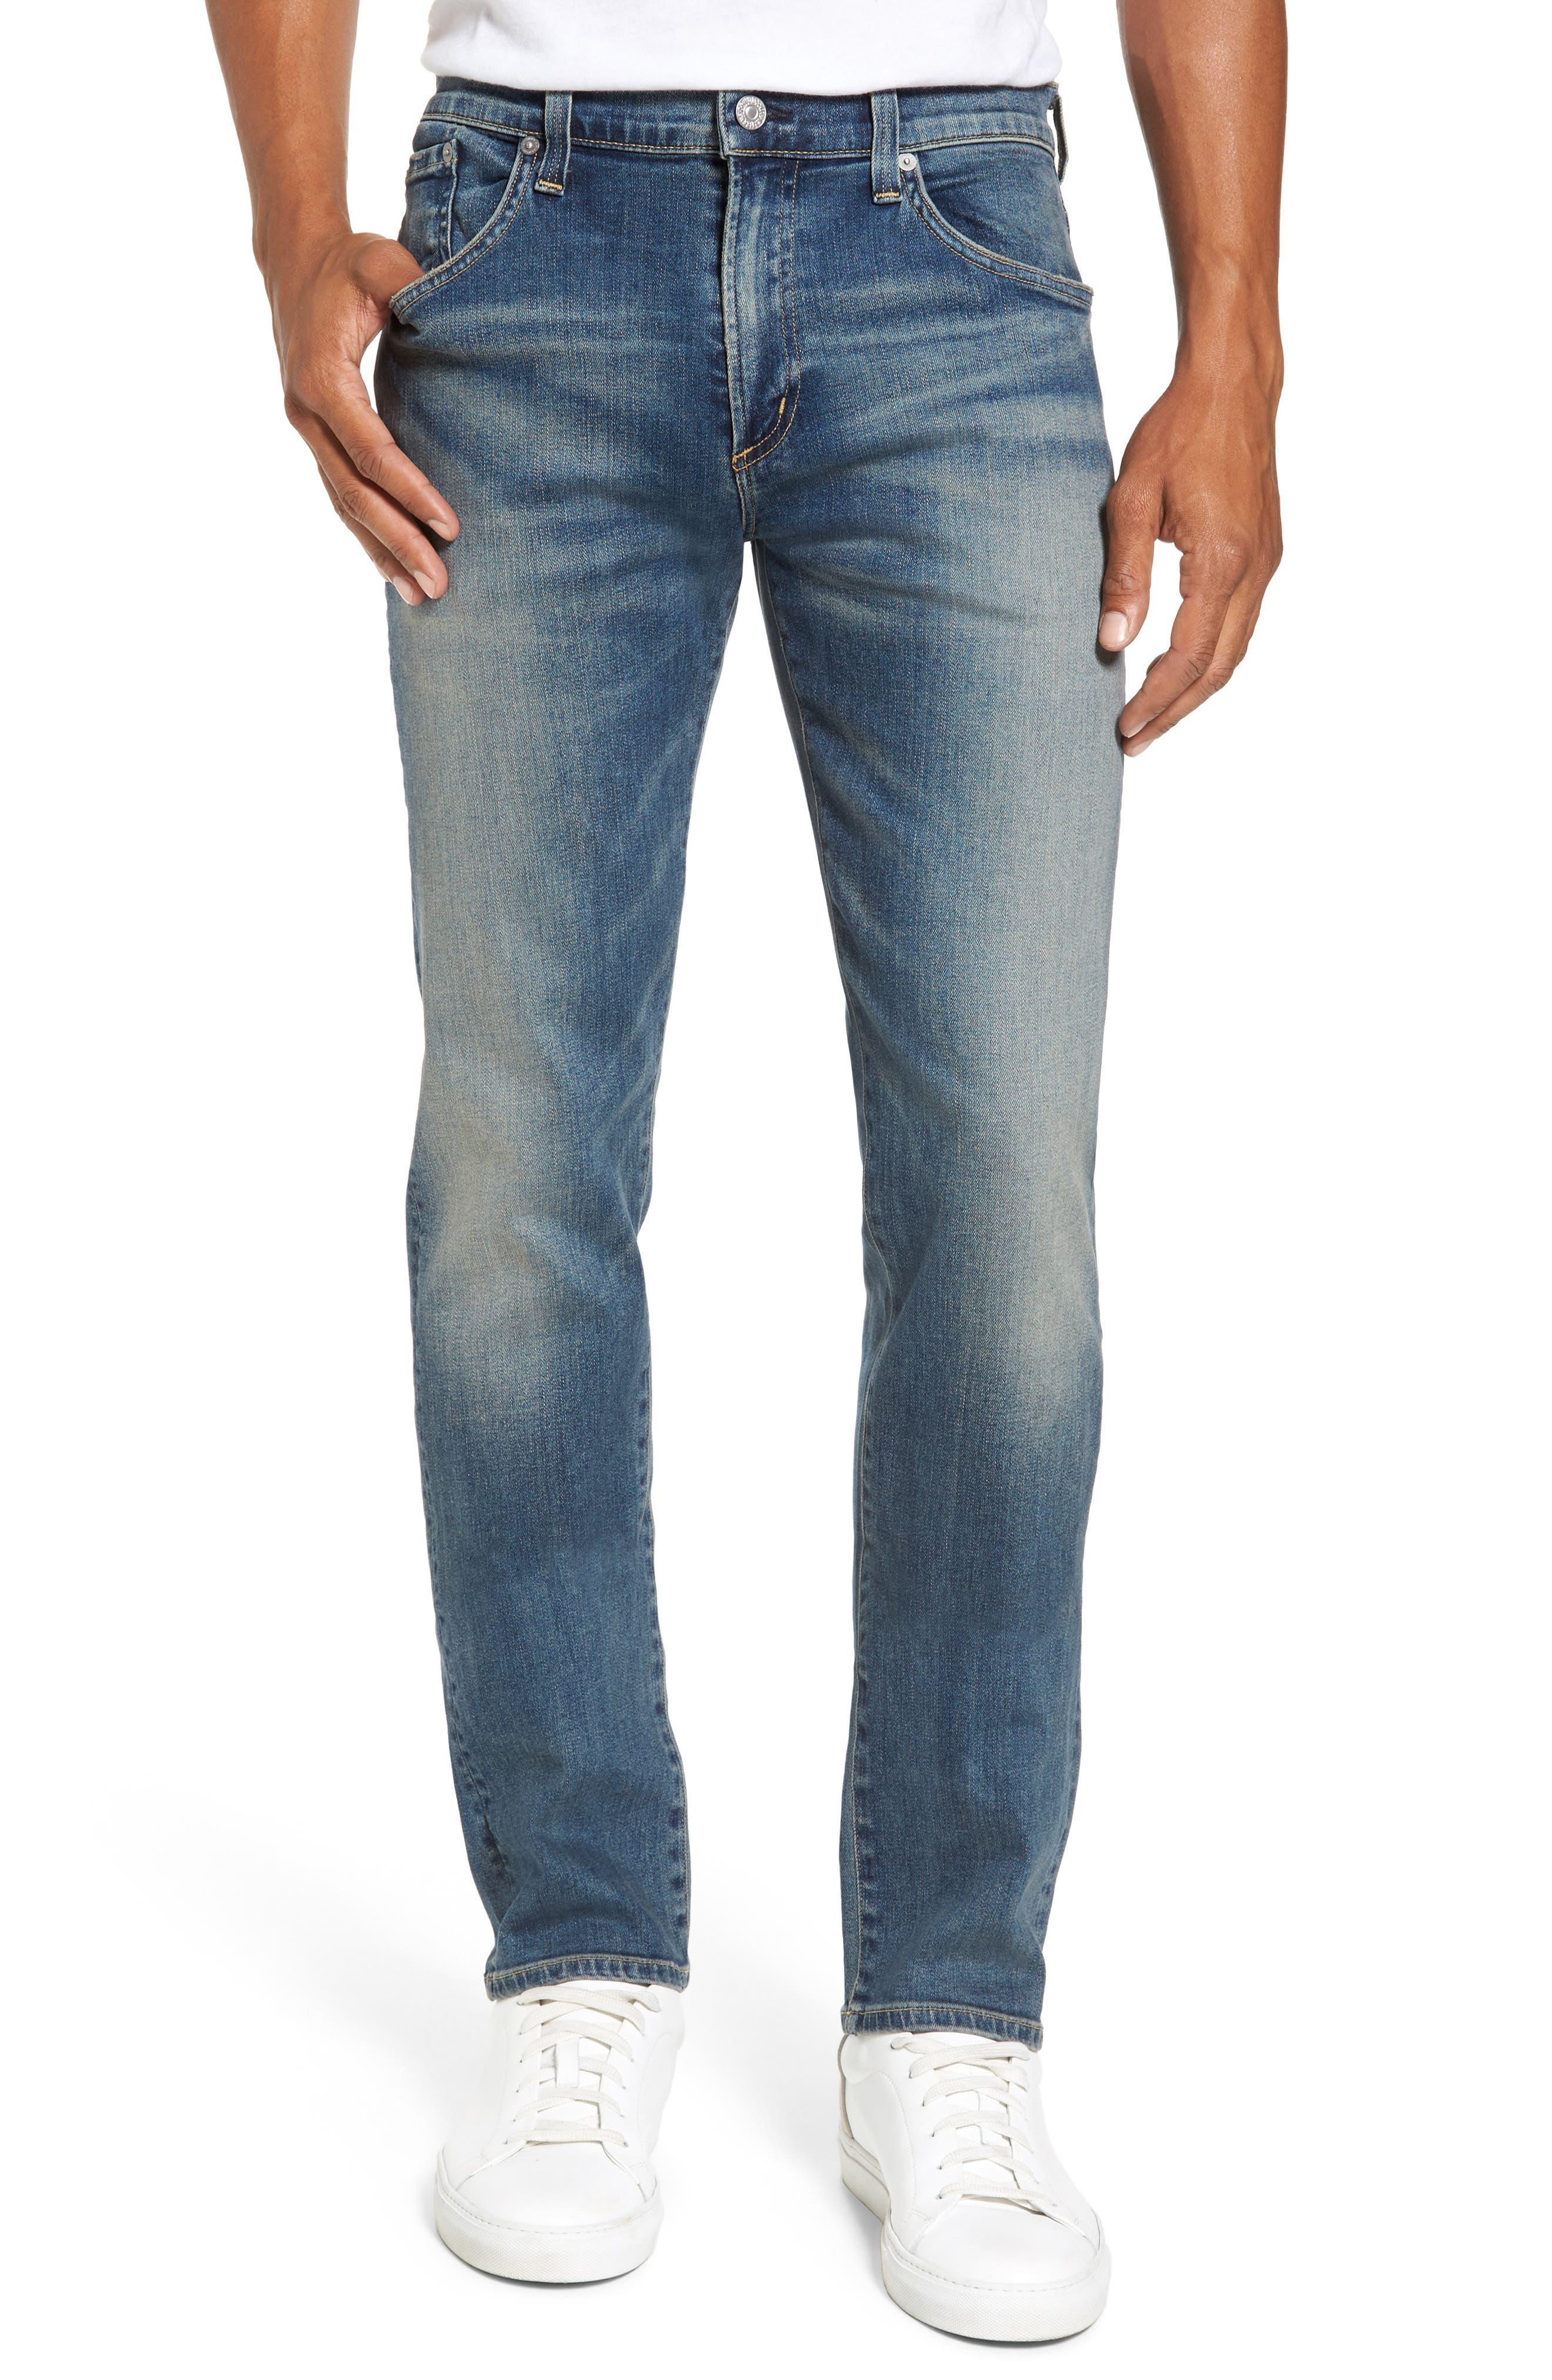 Core Slim Fit Jeans,                             Main thumbnail 1, color,                             Millais